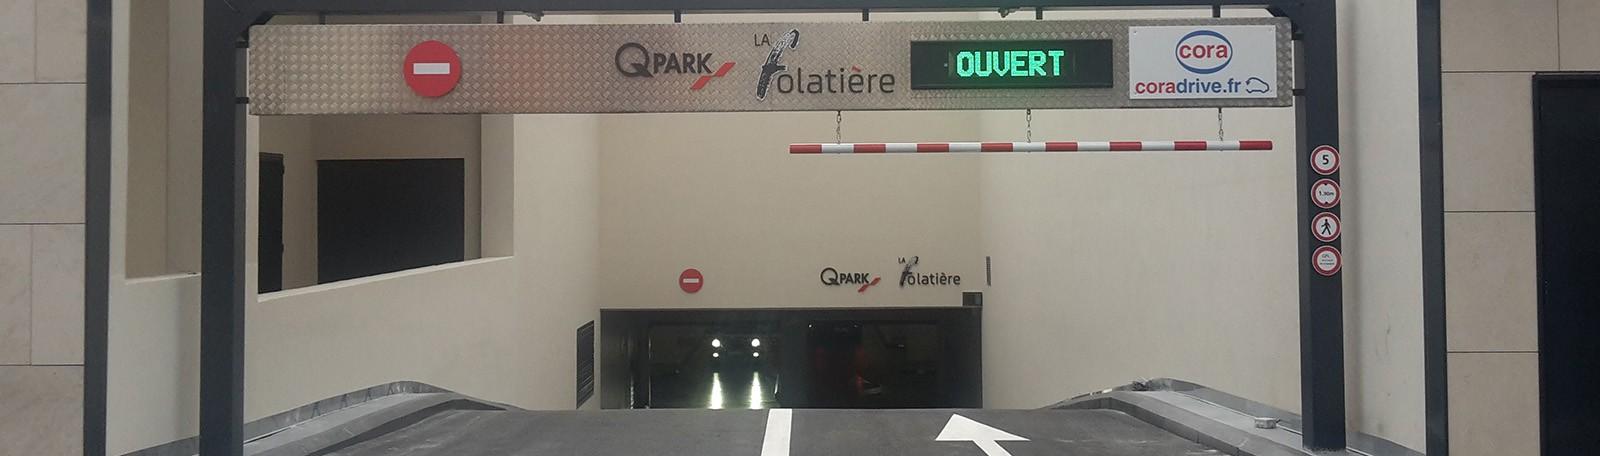 Parking La Folatière - 37 avenue Maréchal Leclerc 38300 Bourgoin-Jallieu